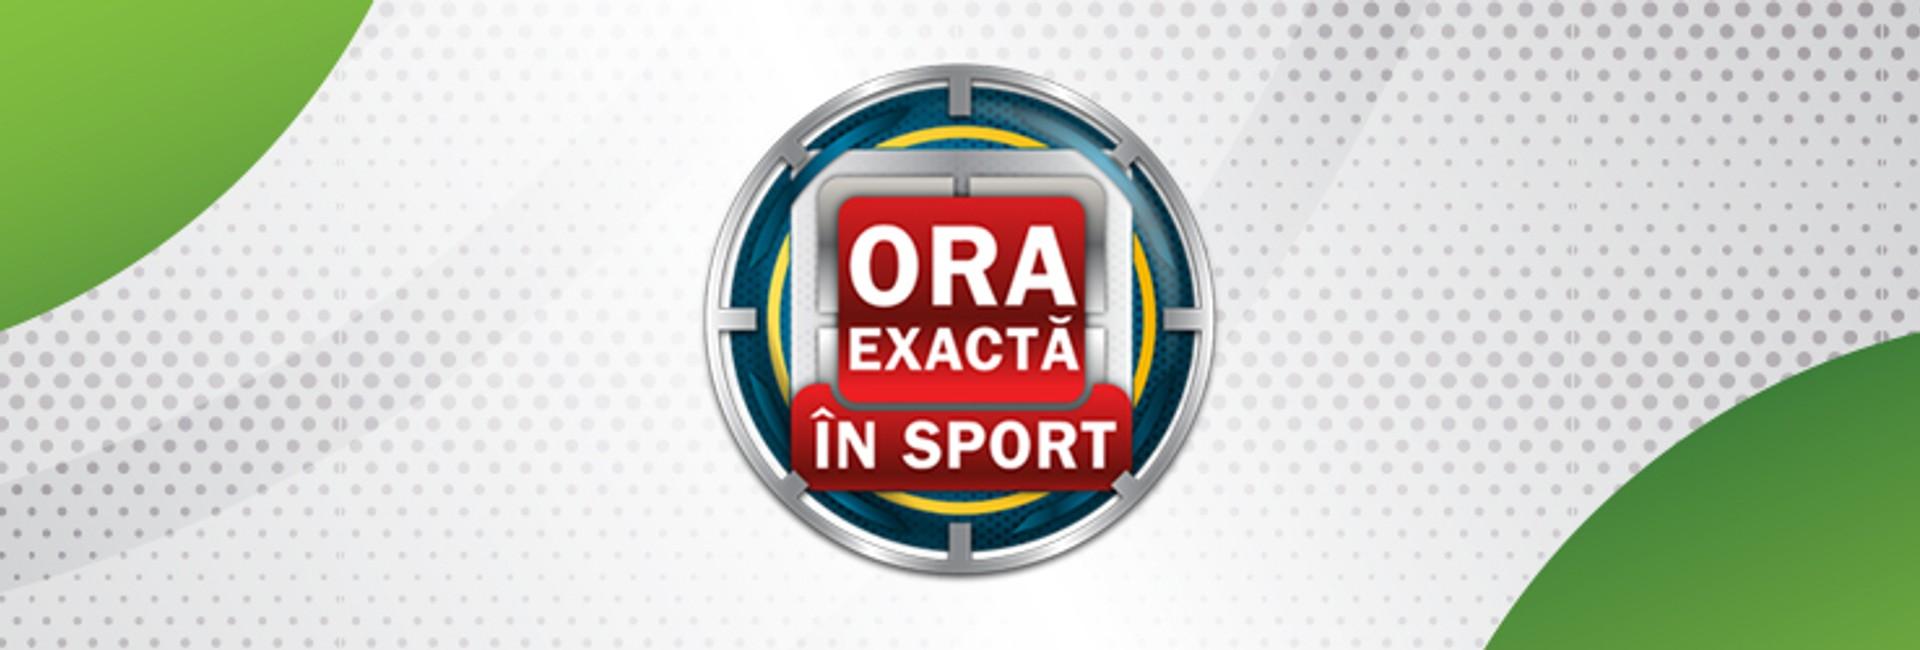 Ora Exactă în Sport